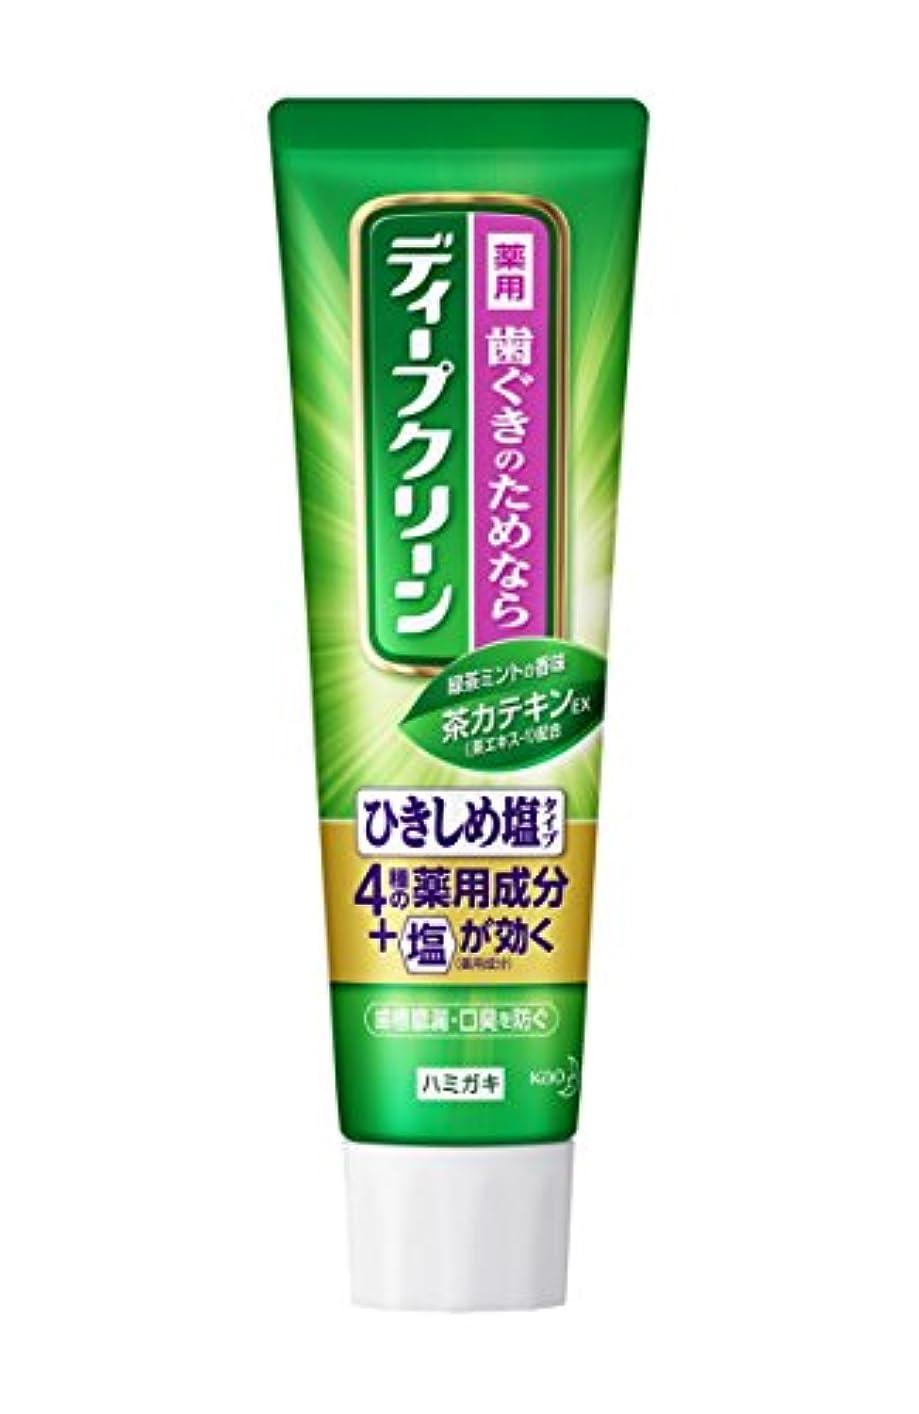 ディープクリーン 薬用ハミガキ ひきしめ塩 100g